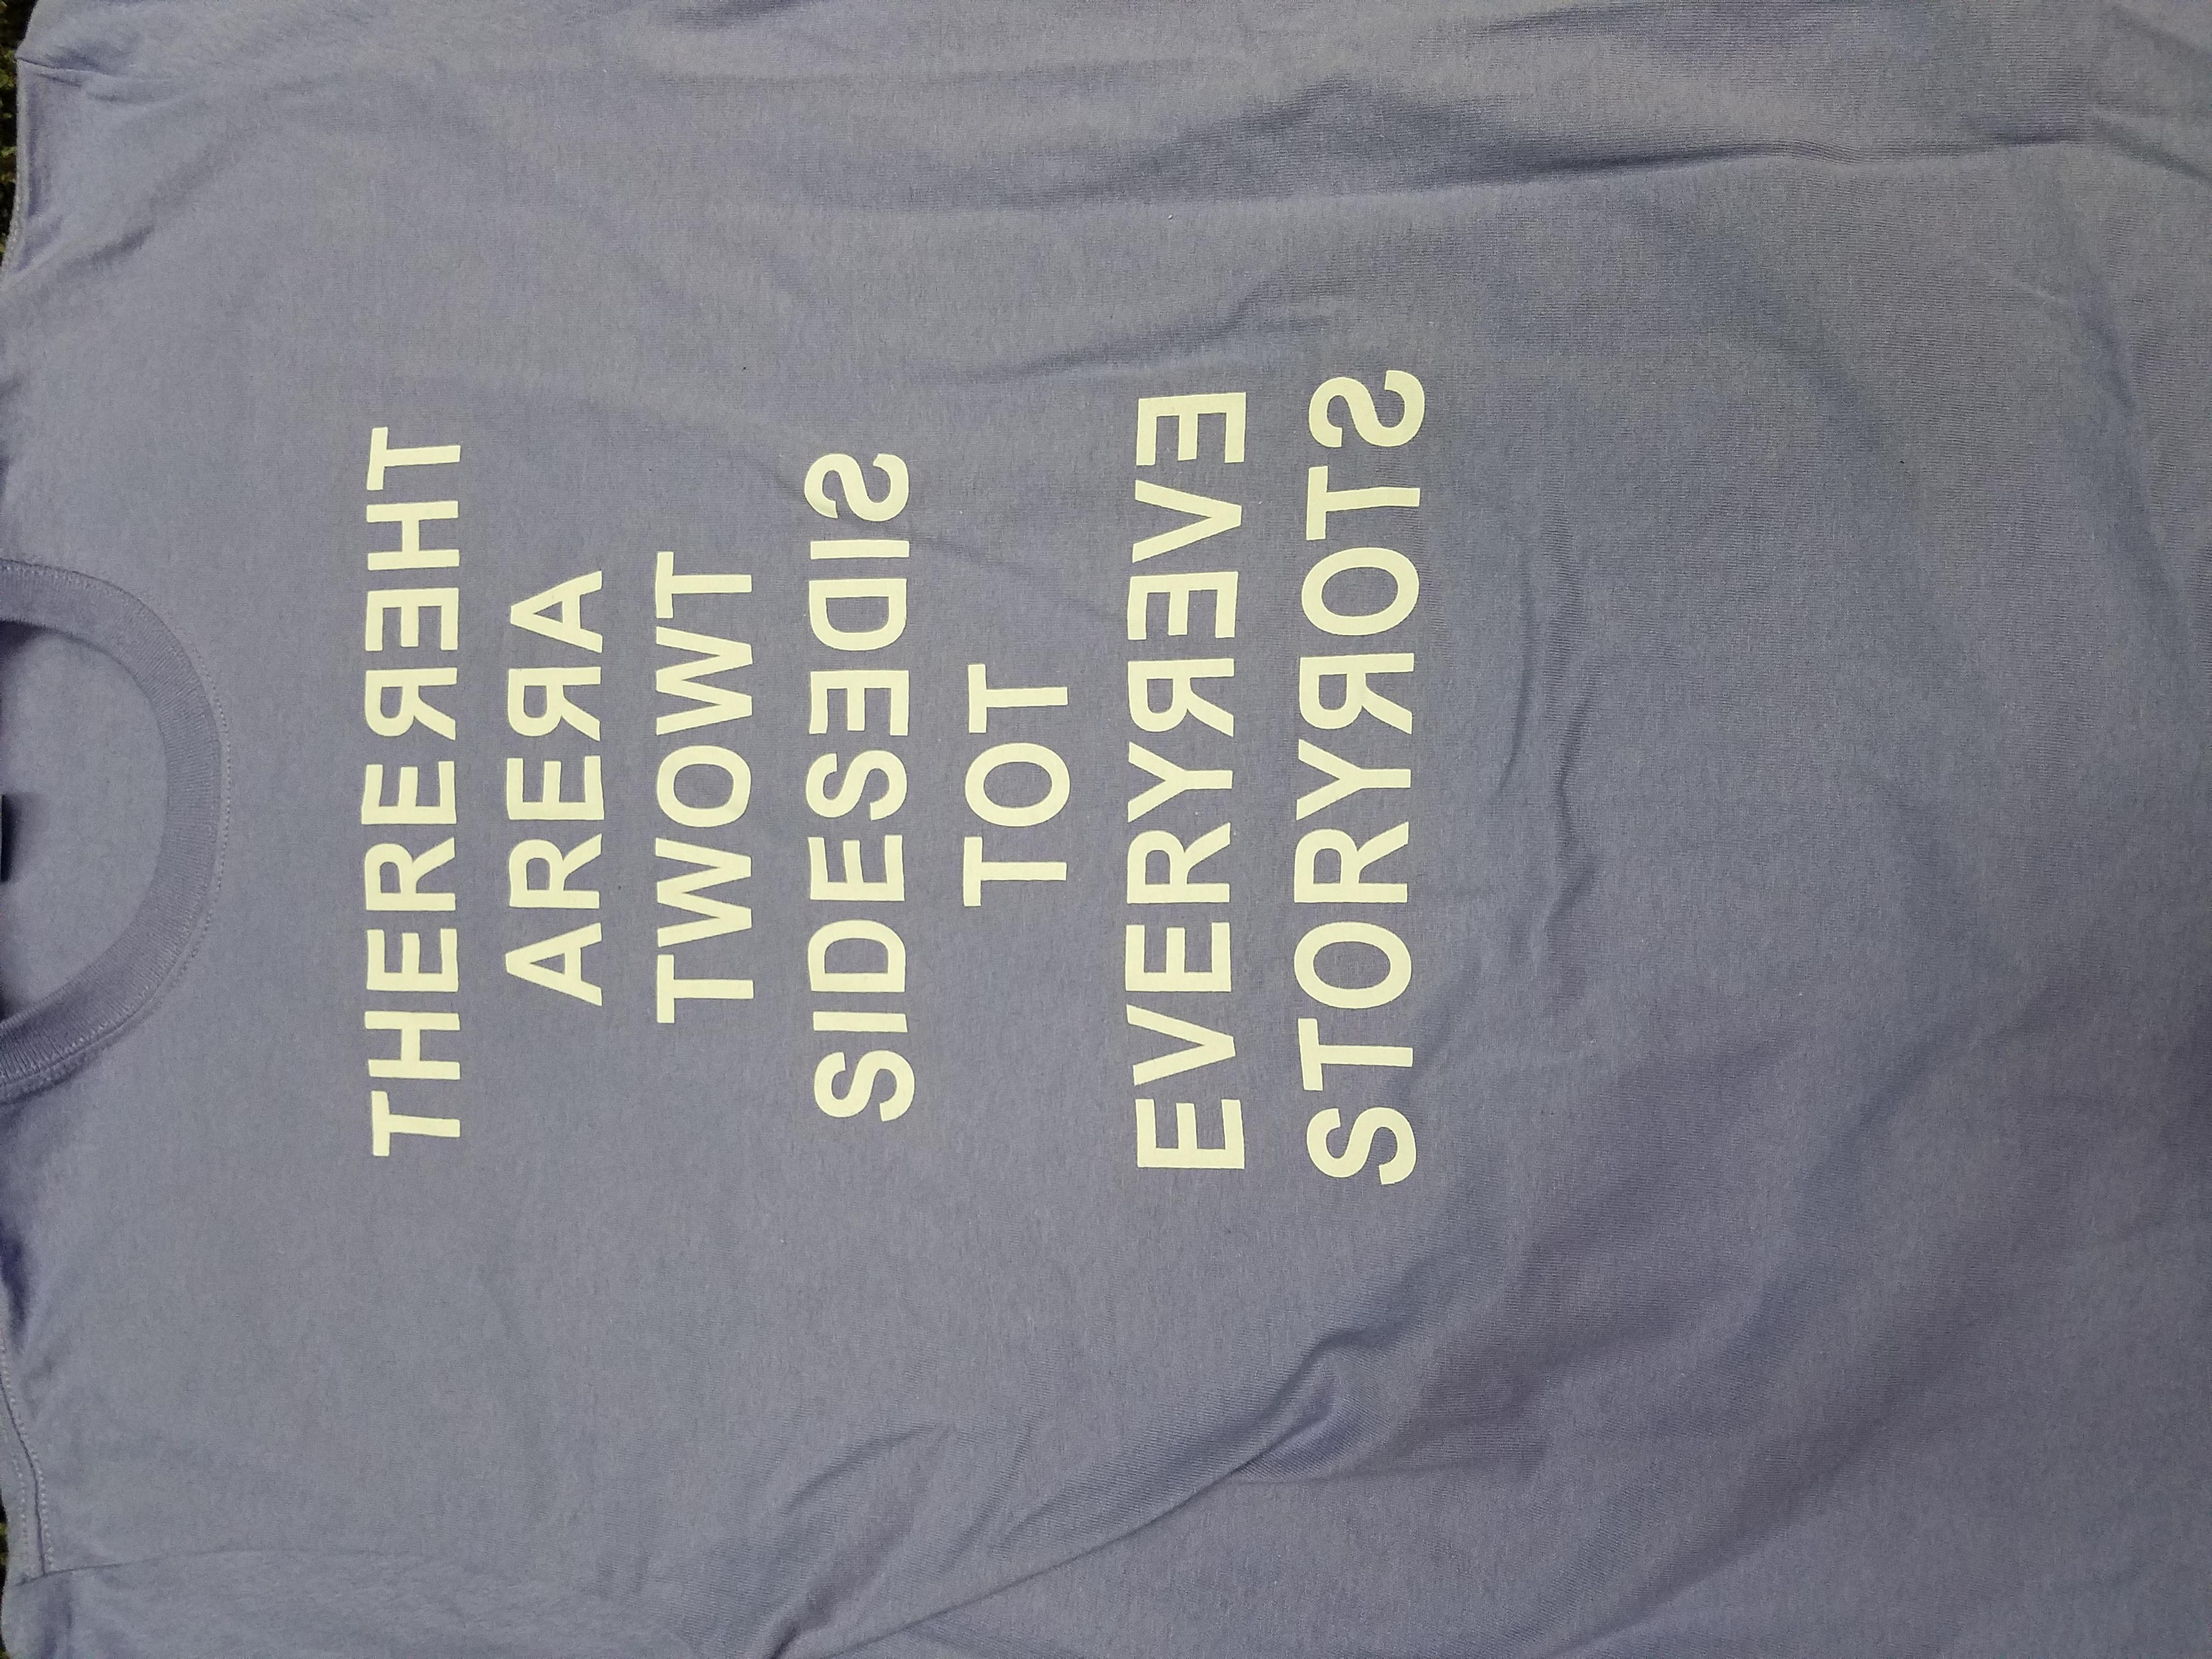 Berkner HS Club Shirts